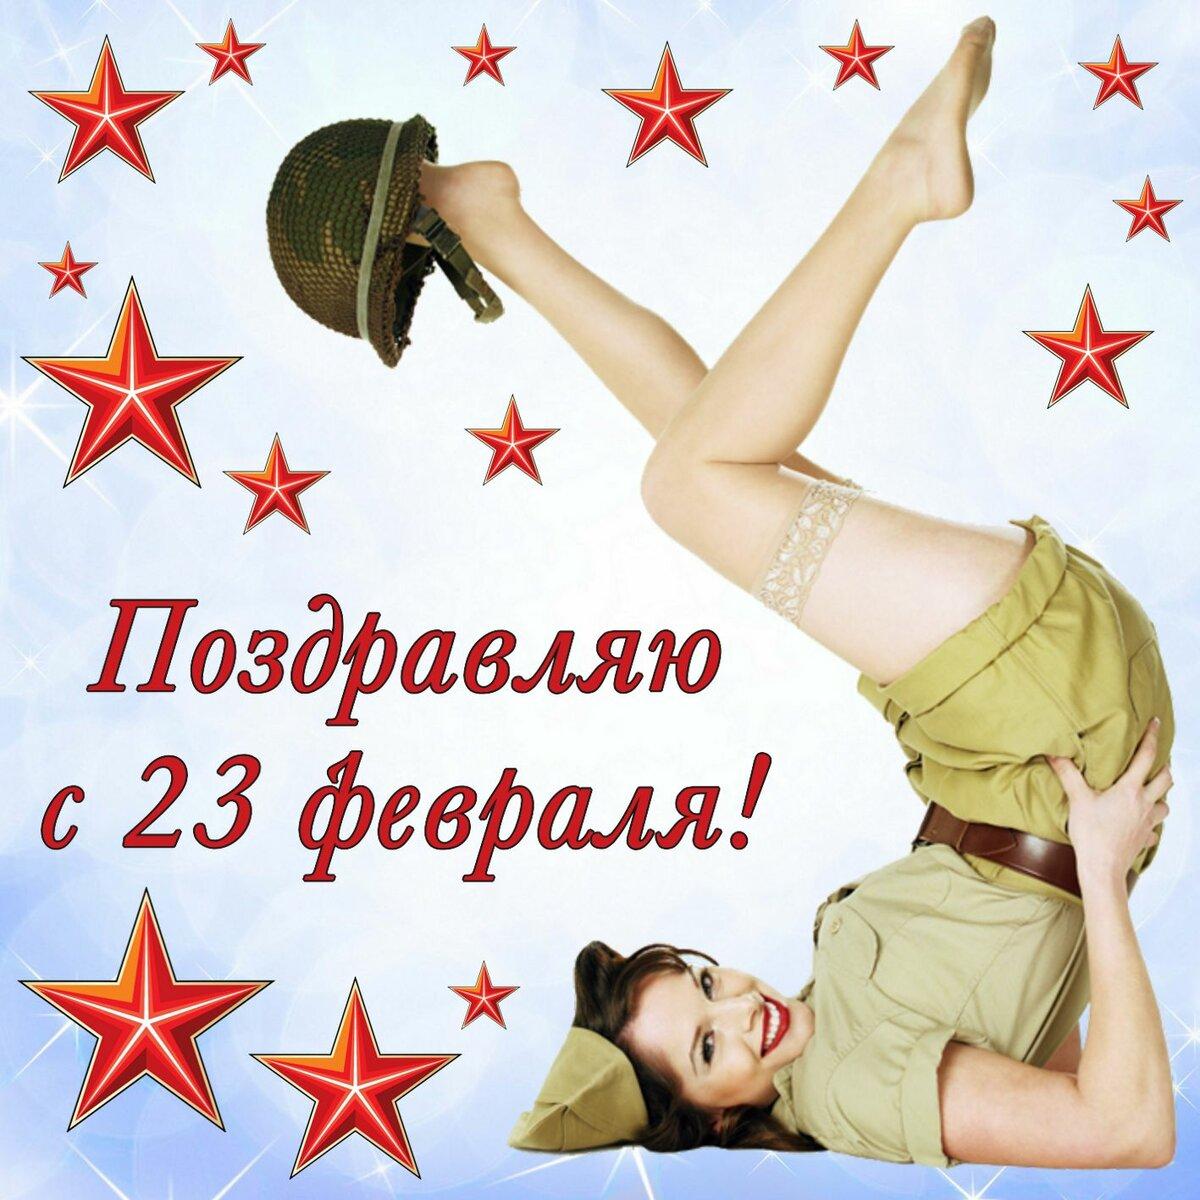 23 февраля картинки для женщин, февралю для дошкольников